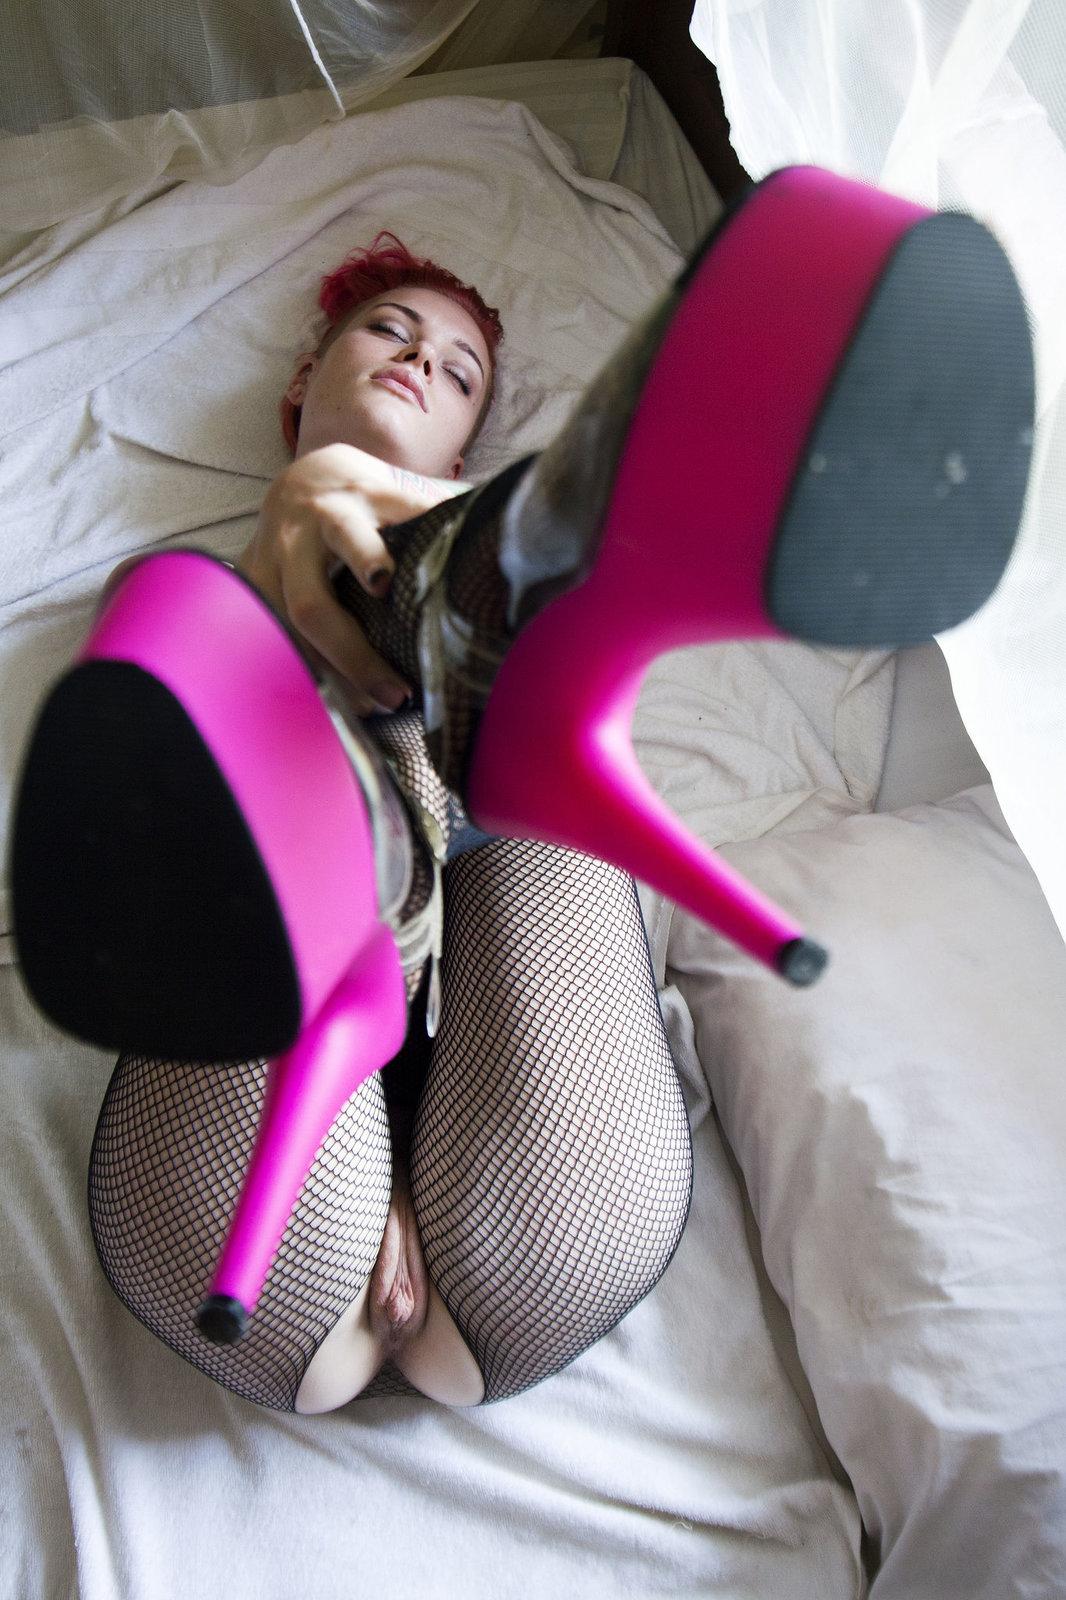 Zdjęcie porno - 0930 - Różowe obcasy